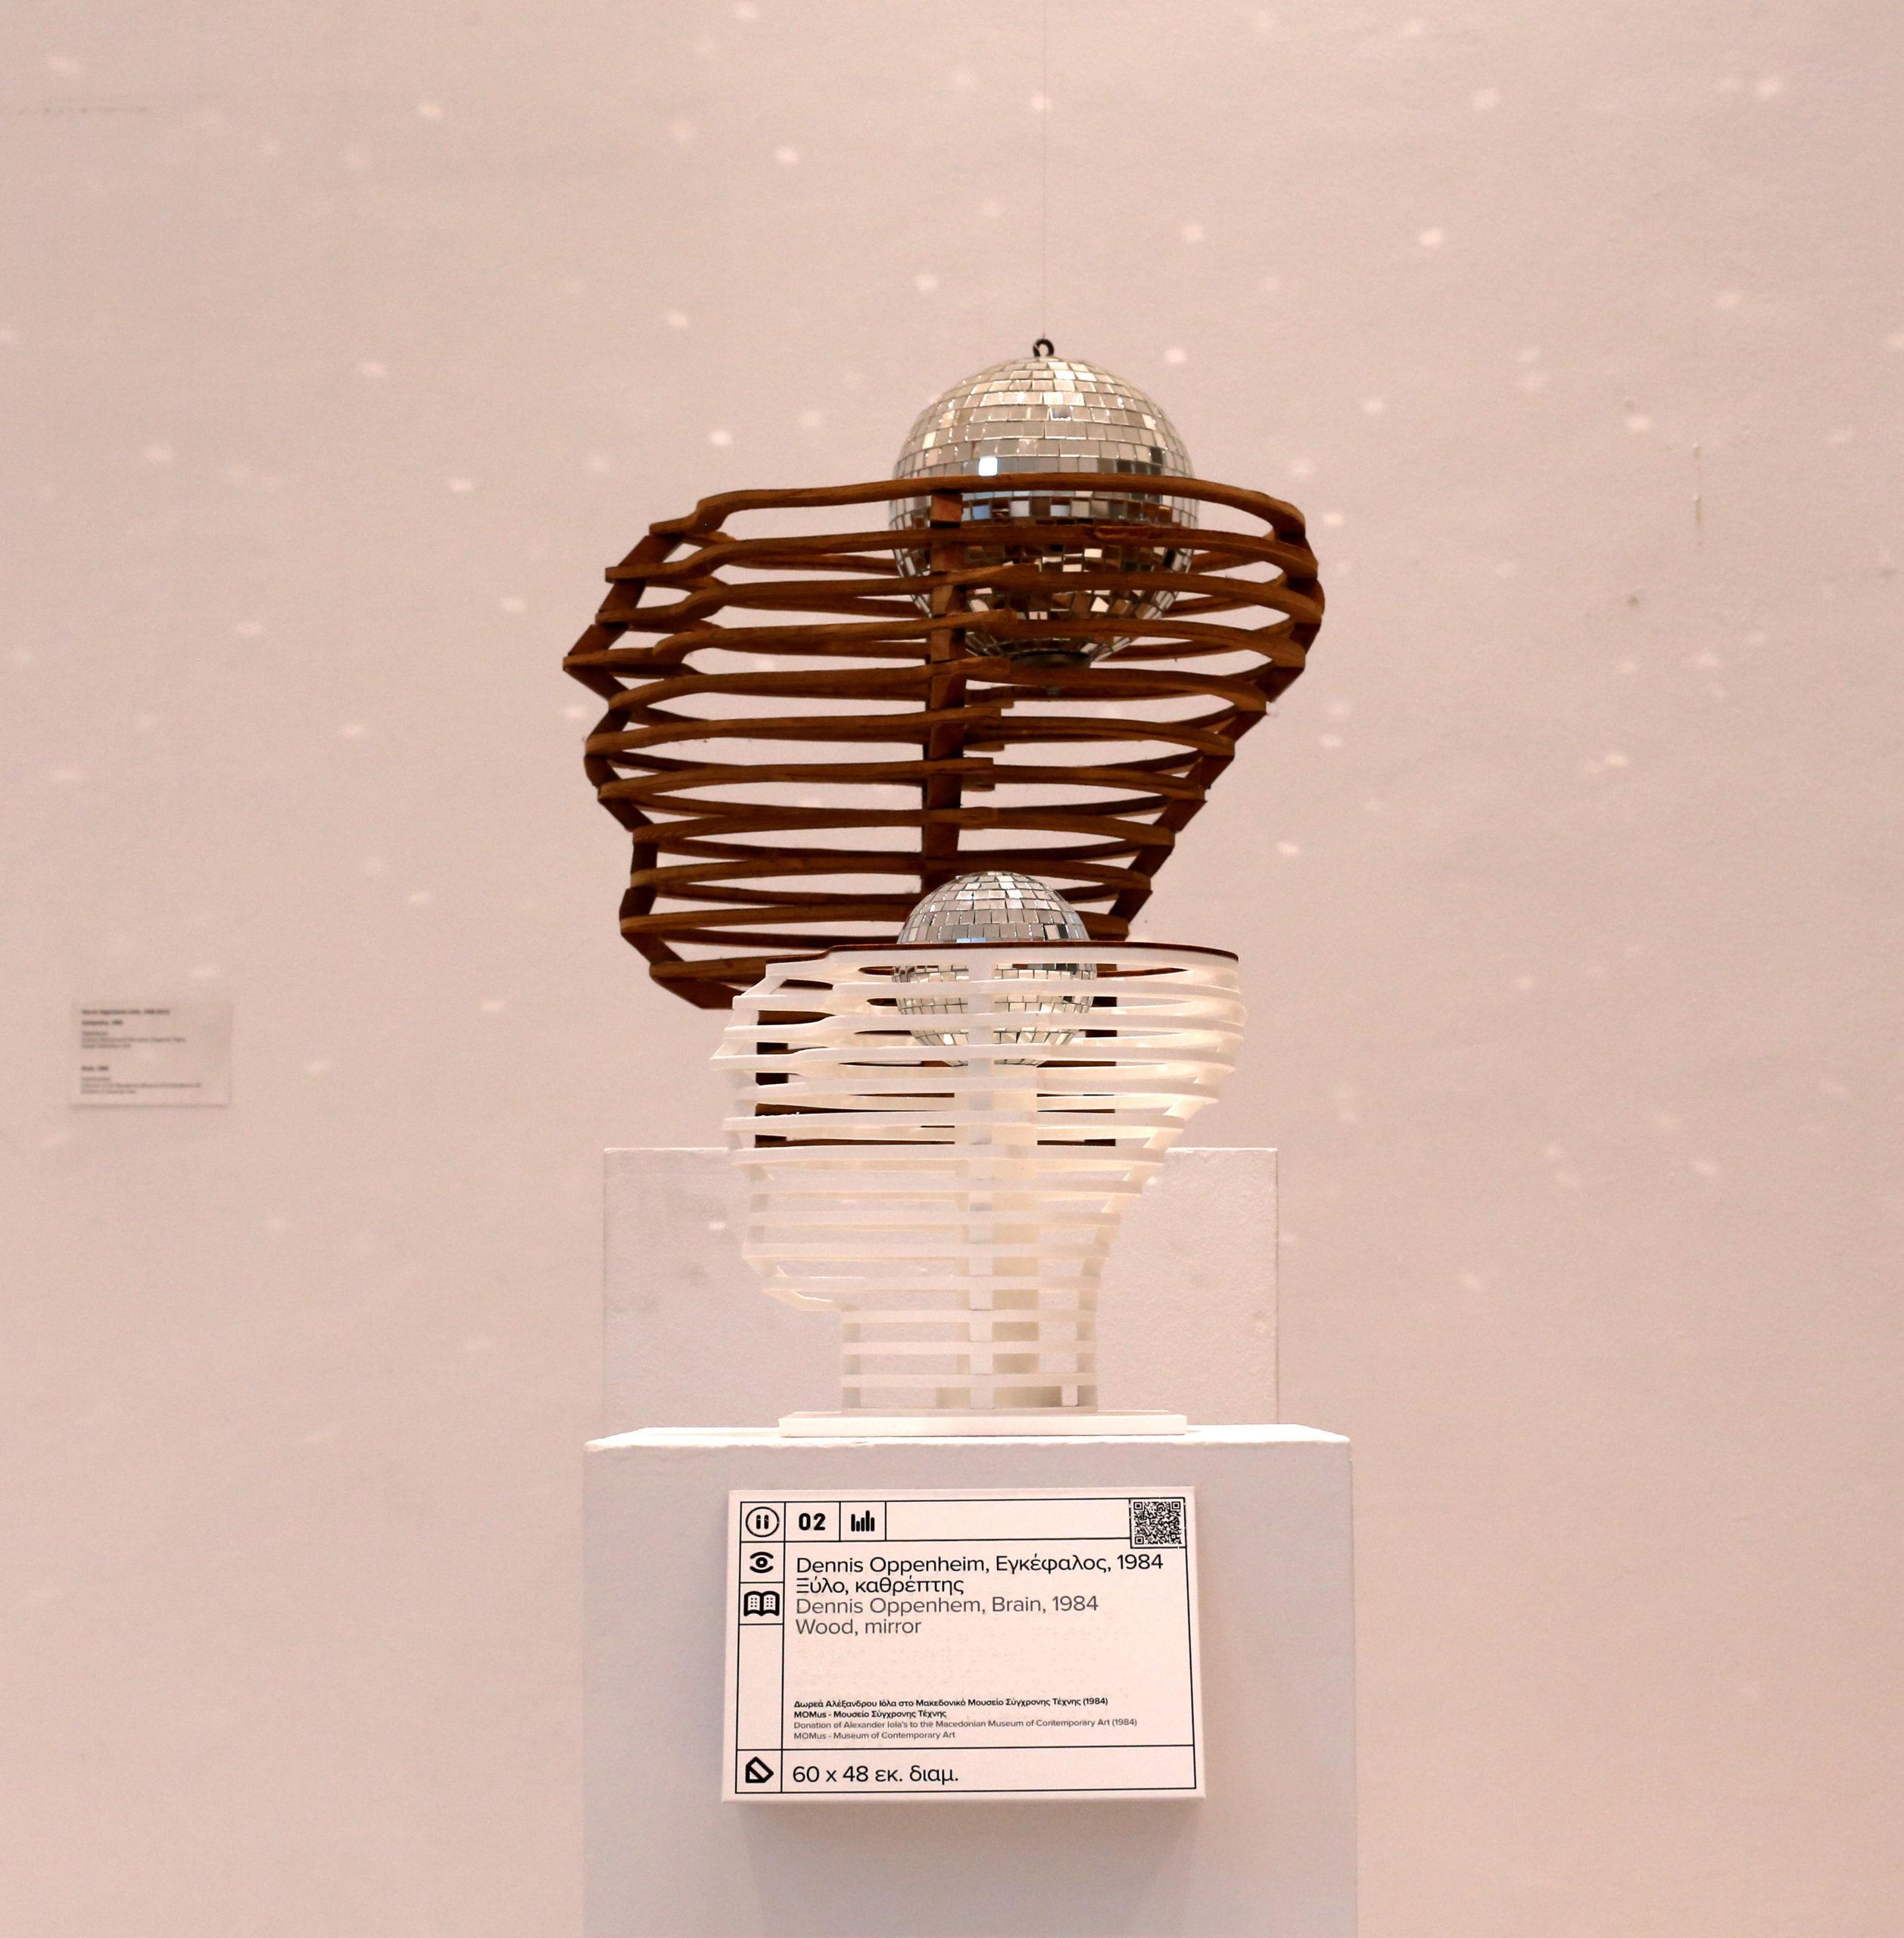 Το έργο Εγκέφαλος του Ντέννις Οππενχαημ και ακριβώς μπροστά του σε ένα βάθρο είναι τοποθετημένο το απτικό βοήθημα του έργου. Το απτικό βοήθημα είναι το ένα τρίτο του πρωτότυπου έργου σε μέγεθος και έχει δημιουργηθεί με την τεχνολογία της τρισδιάστατης εκτύπωσης σε λευκό πλαστικό. Στην ανώτερη φέτα του κεφαλιού έχει τοποθετηθεί μια φέτα ξύλου ώστε να παραπέμπει το υλικό του πρωτότυπου έργου. Επίσης, μια μπάλα από καθρέπτες έχει τοποθετηθεί στο κέντρο της κενής κεφαλής ώστε ο επισκέπτης να είναι σε θέση να ψηλαφίσει το σύνολο του έργου και να εξάγει τις δικές του εντυπώσεις από την επαφή του με το απτικό βοήθημα. Στην μπροστινή πλευρά του βάθρου υπάρχει λεζάντα που φέρει πληροφορίες σε μεγαλογράμματη γραφή και τη μεταγραφή τους σε ελληνική μπραιγ γραφή ενώ στην άνω δεξιά γωνία υπάρχει QR κωδικός ώστε οι επισκέπτες σκανάρωντας με τα κινητά τους τηλέφωνα να είναι σε θέση να ακούσουν την περιγραφή του έργου.